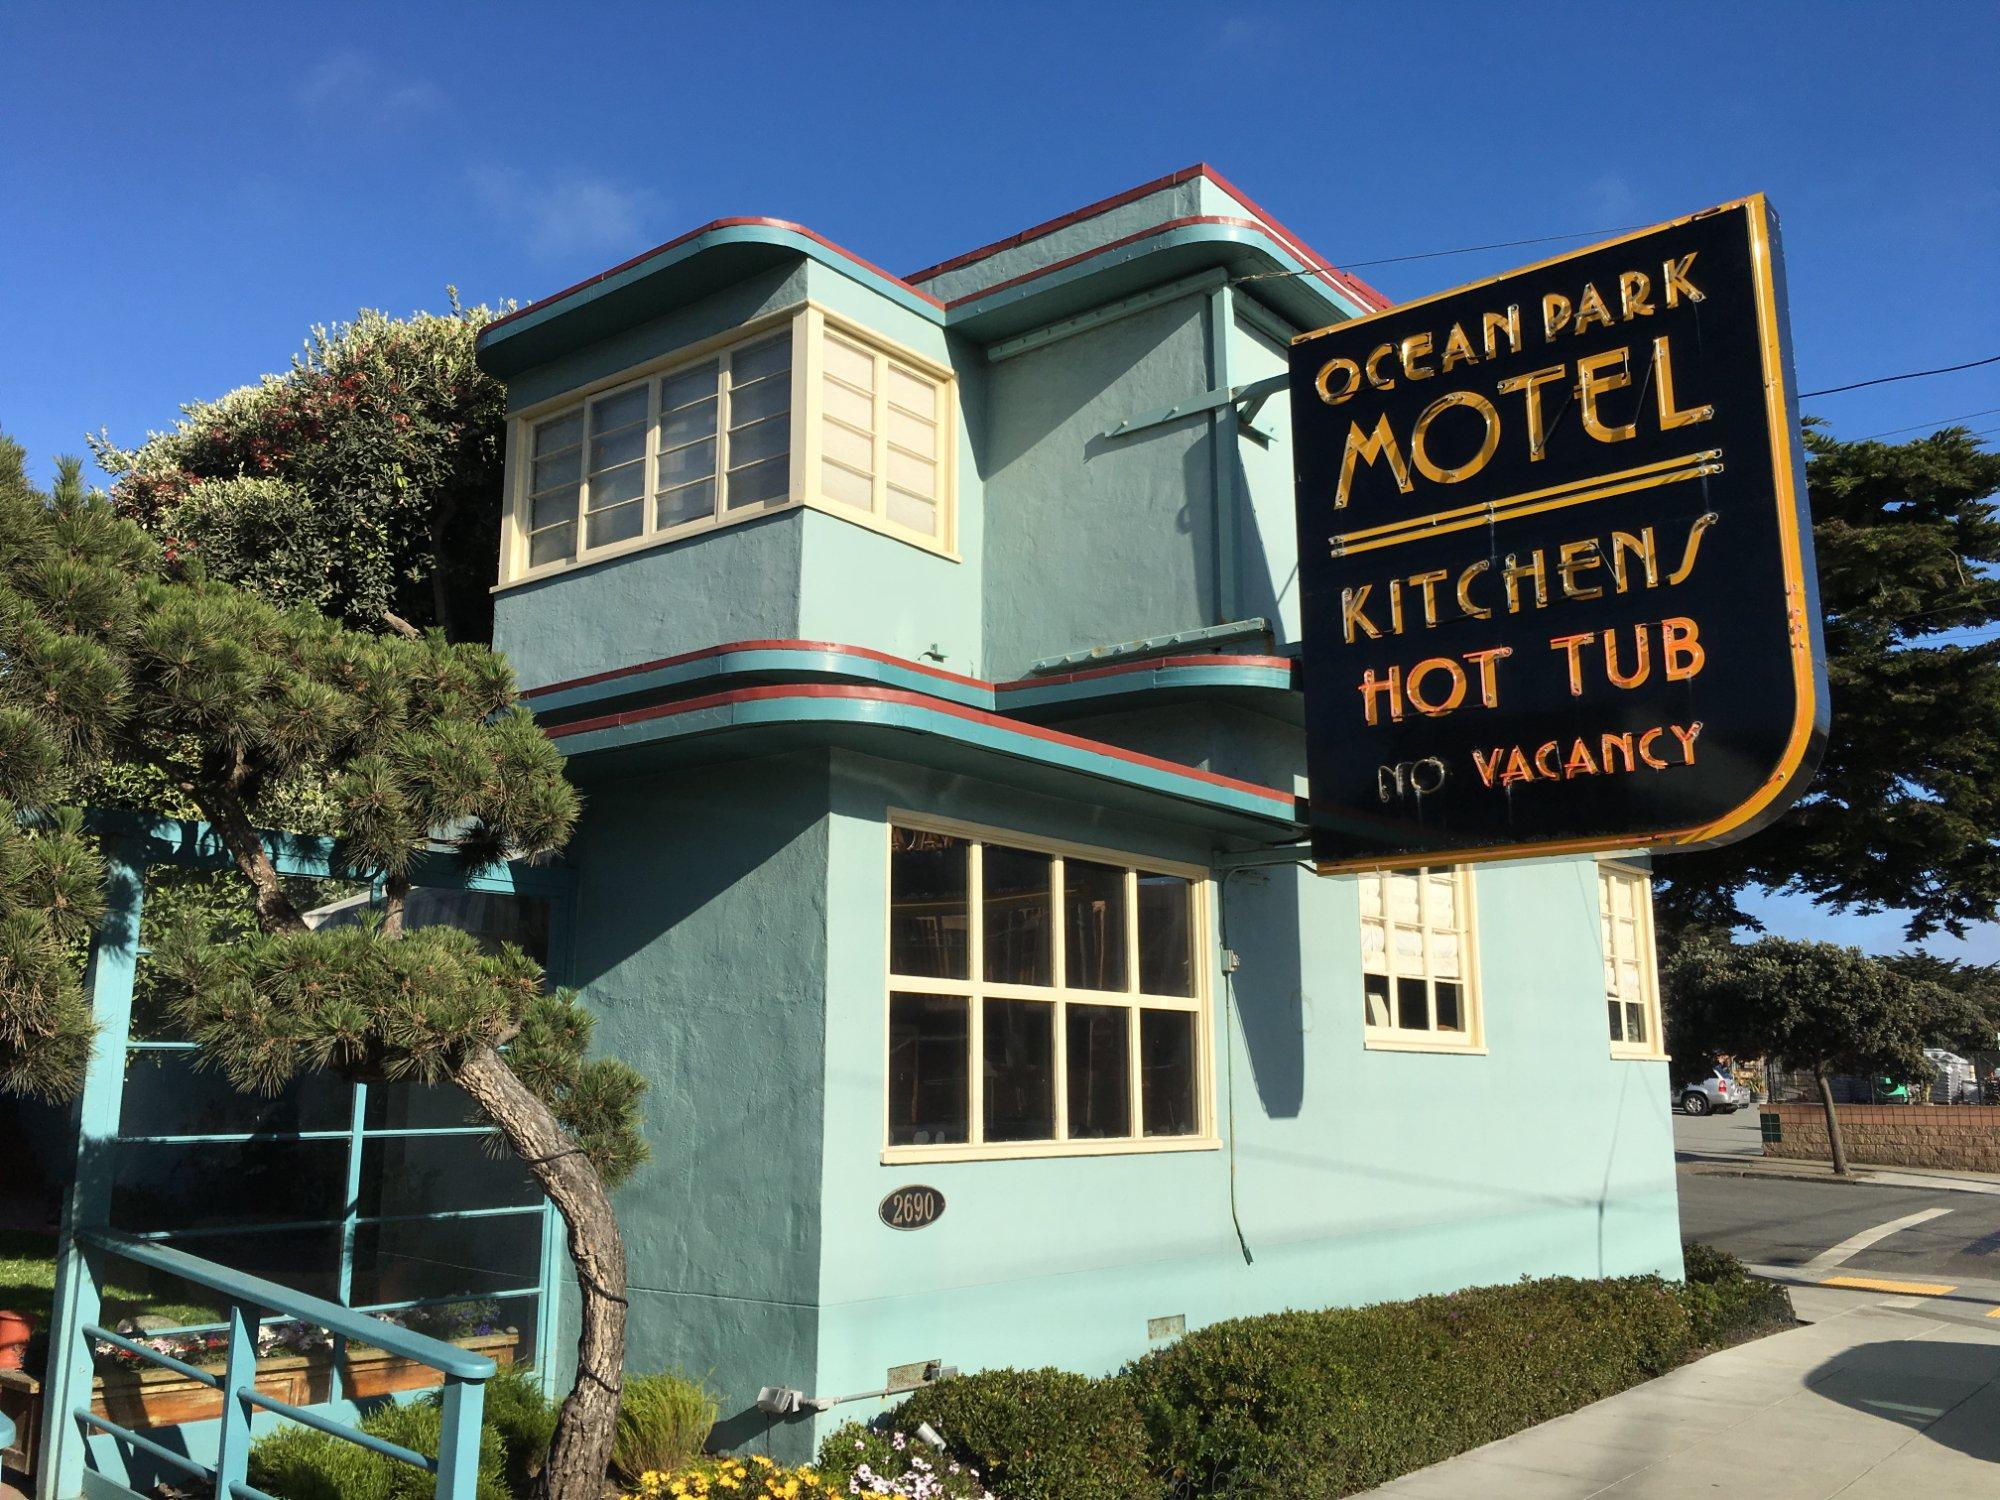 Ocean Park Motel